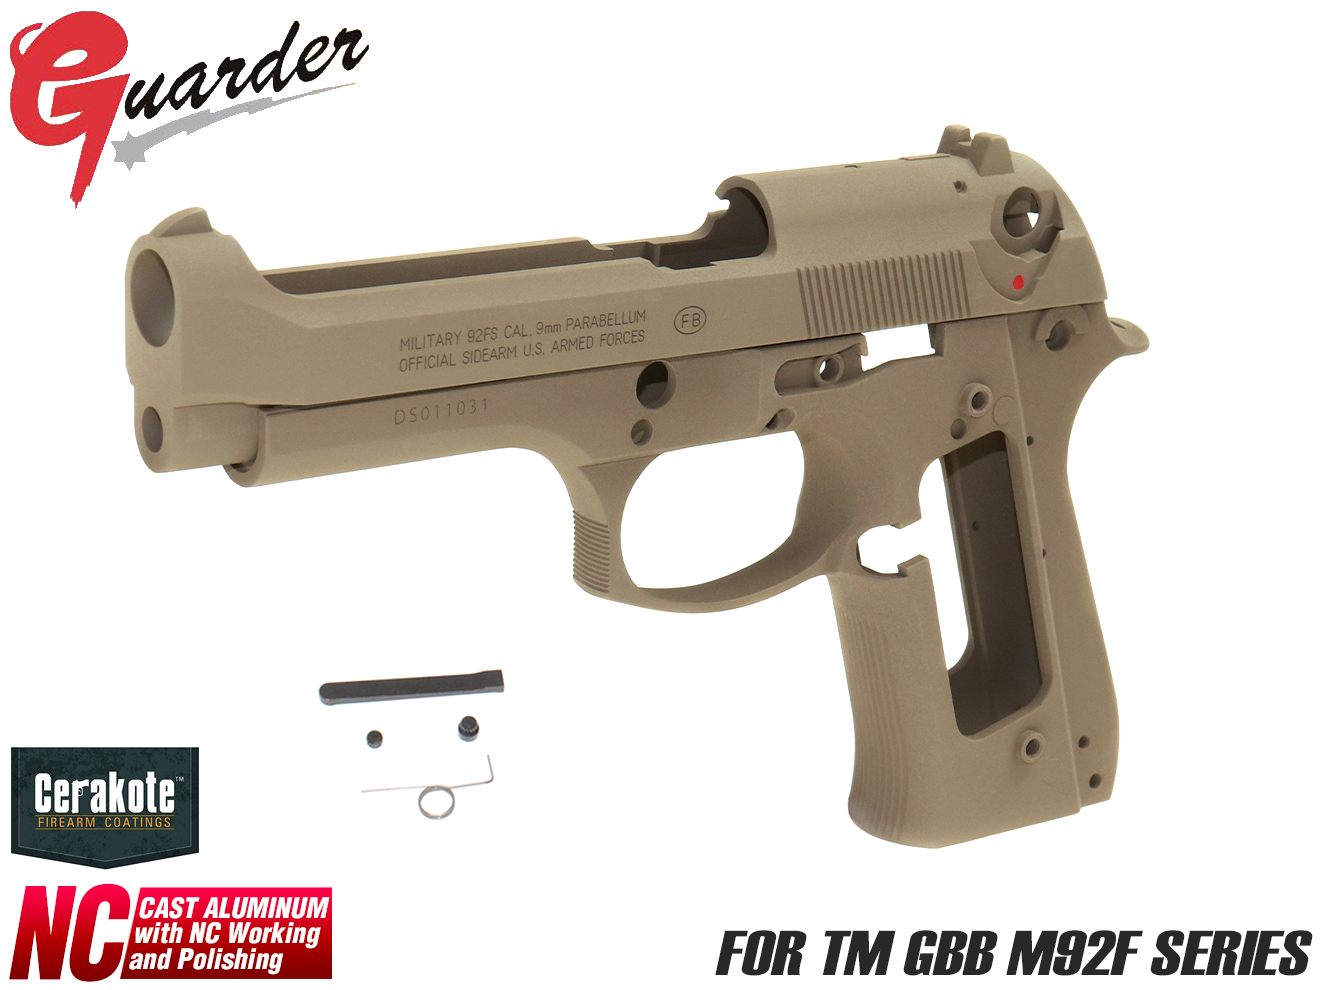 M92F-05C(B)FDE■GUARDER US M9 デザートストーム アルミスライド&フレーム◆2019Ver FDE Cerakote セラコート マルイ GBB M92Fシリーズ DESERT STORM